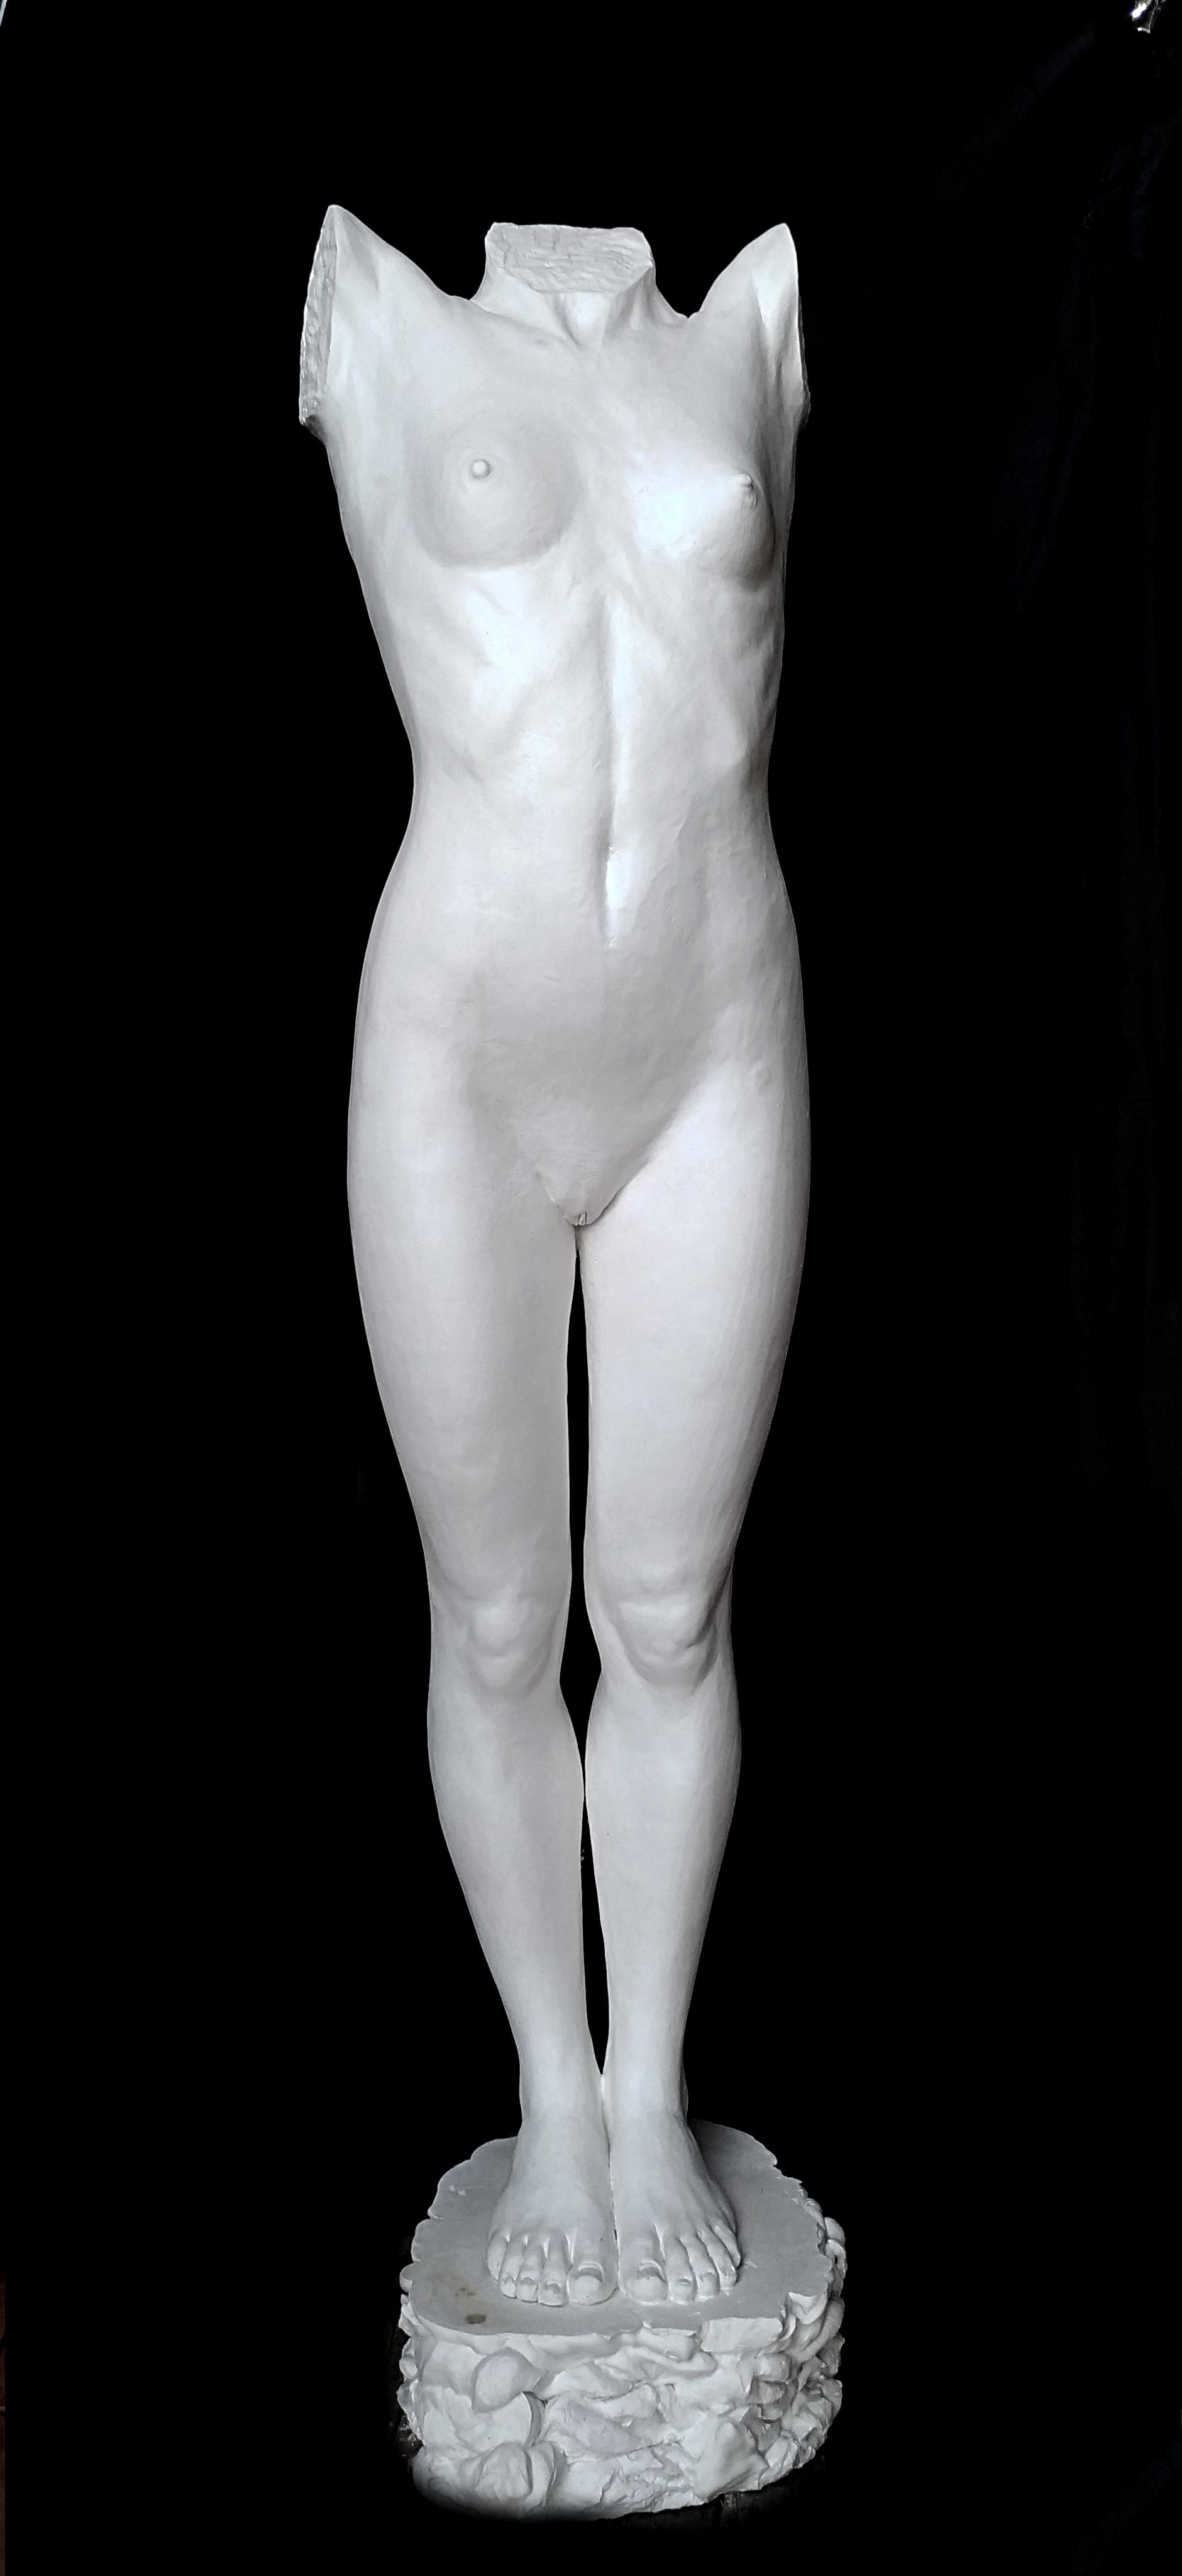 Lei di Marcello Giorgi Image